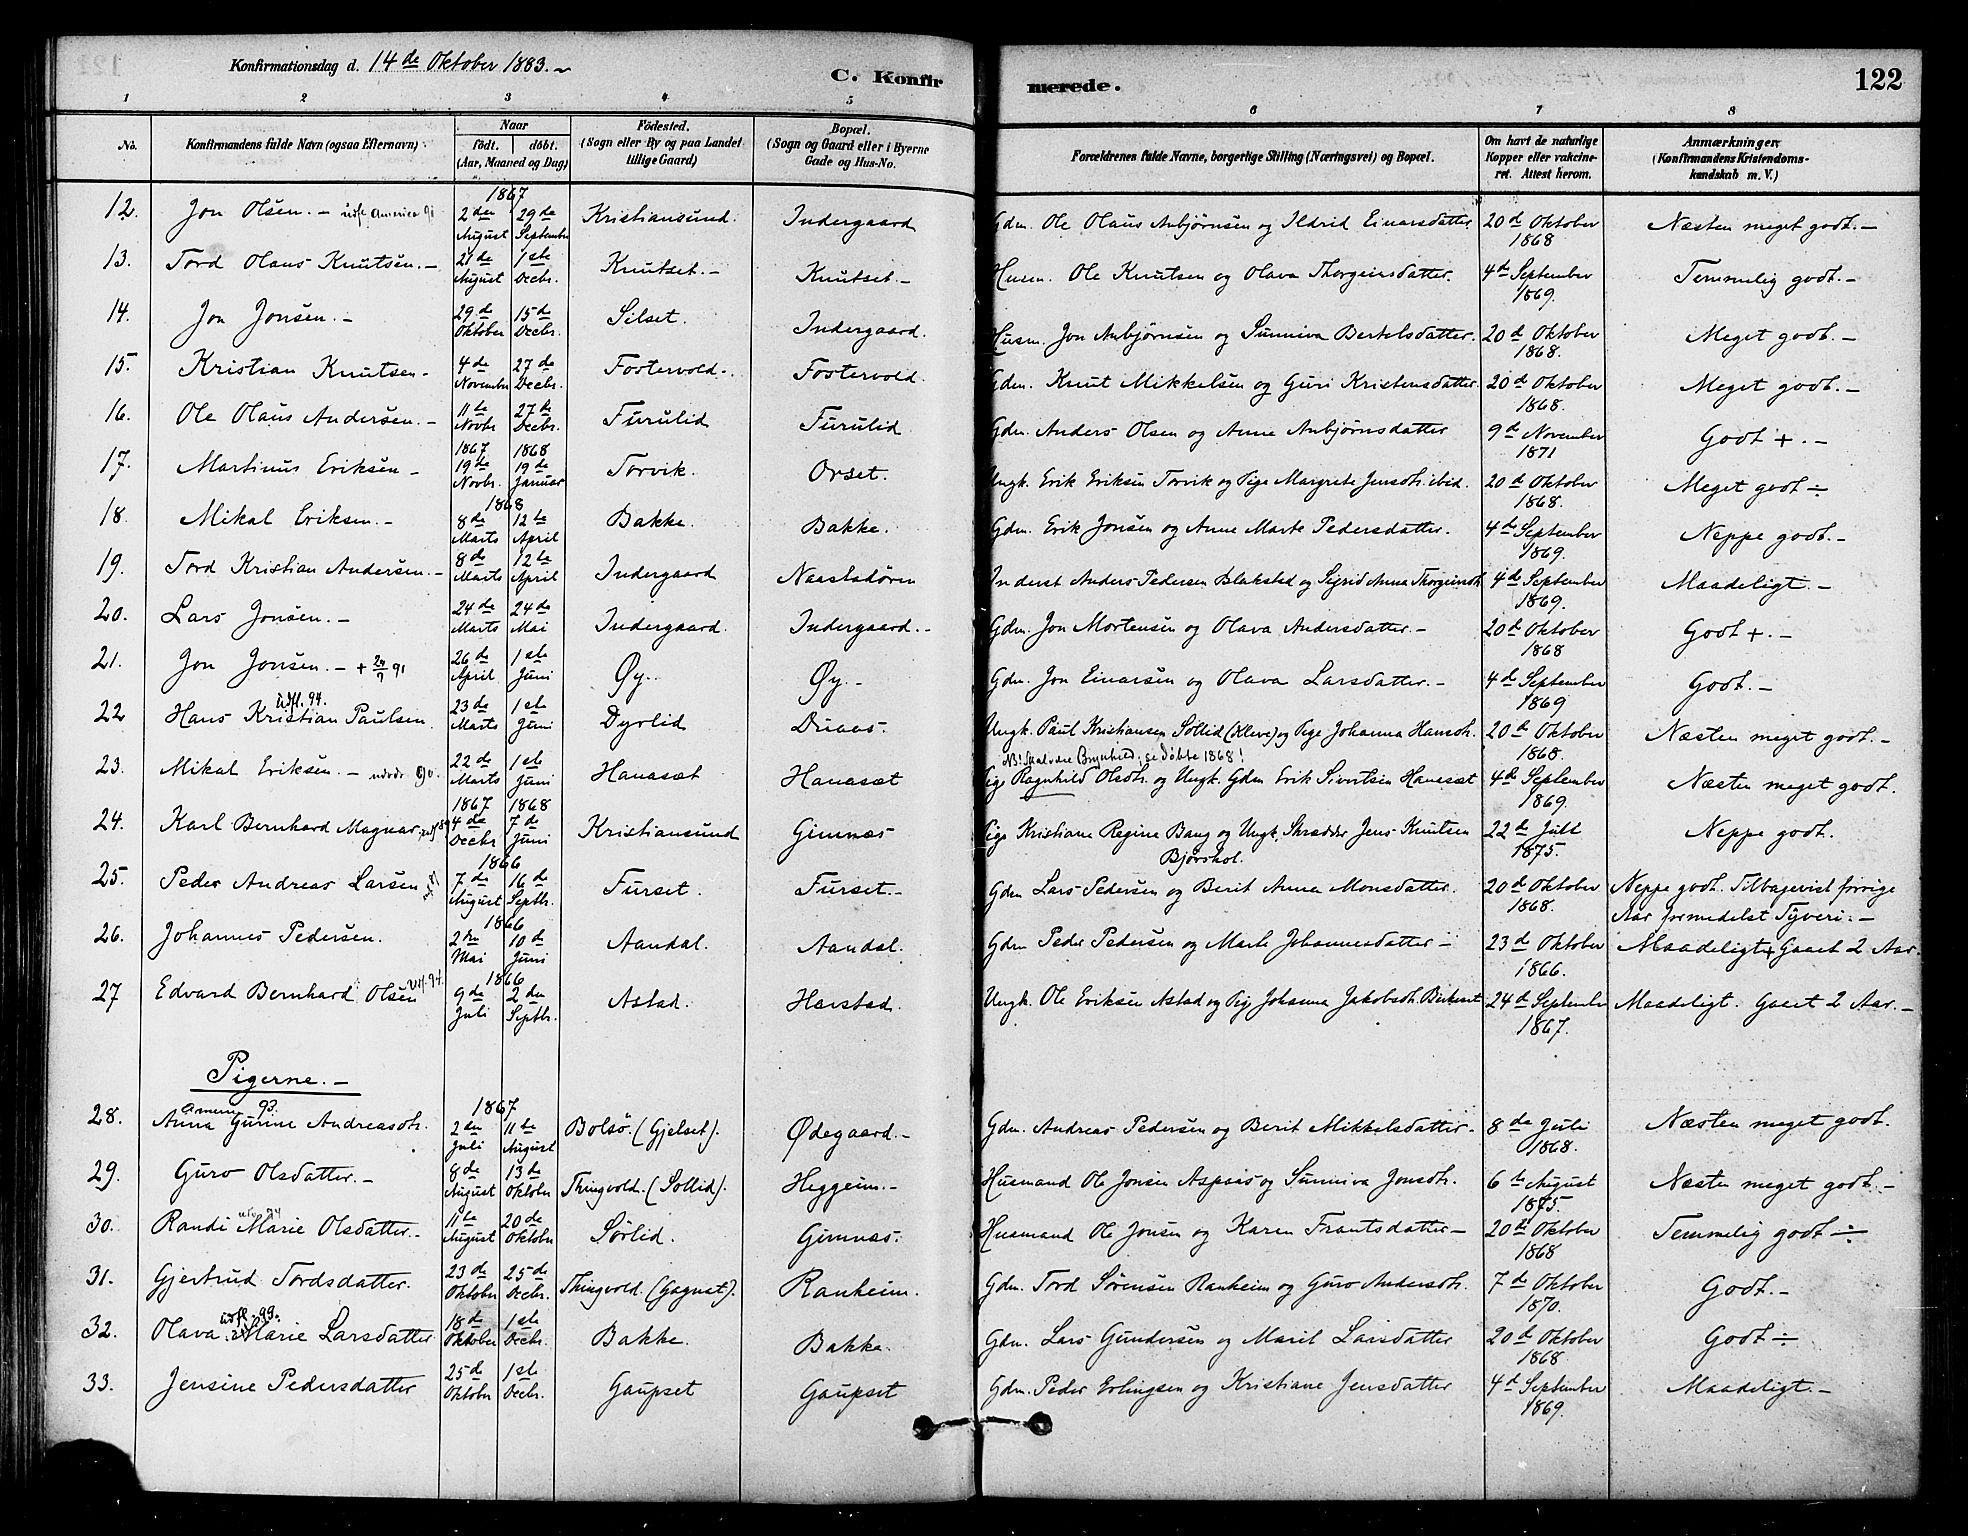 SAT, Ministerialprotokoller, klokkerbøker og fødselsregistre - Møre og Romsdal, 584/L0967: Parish register (official) no. 584A07, 1879-1894, p. 122